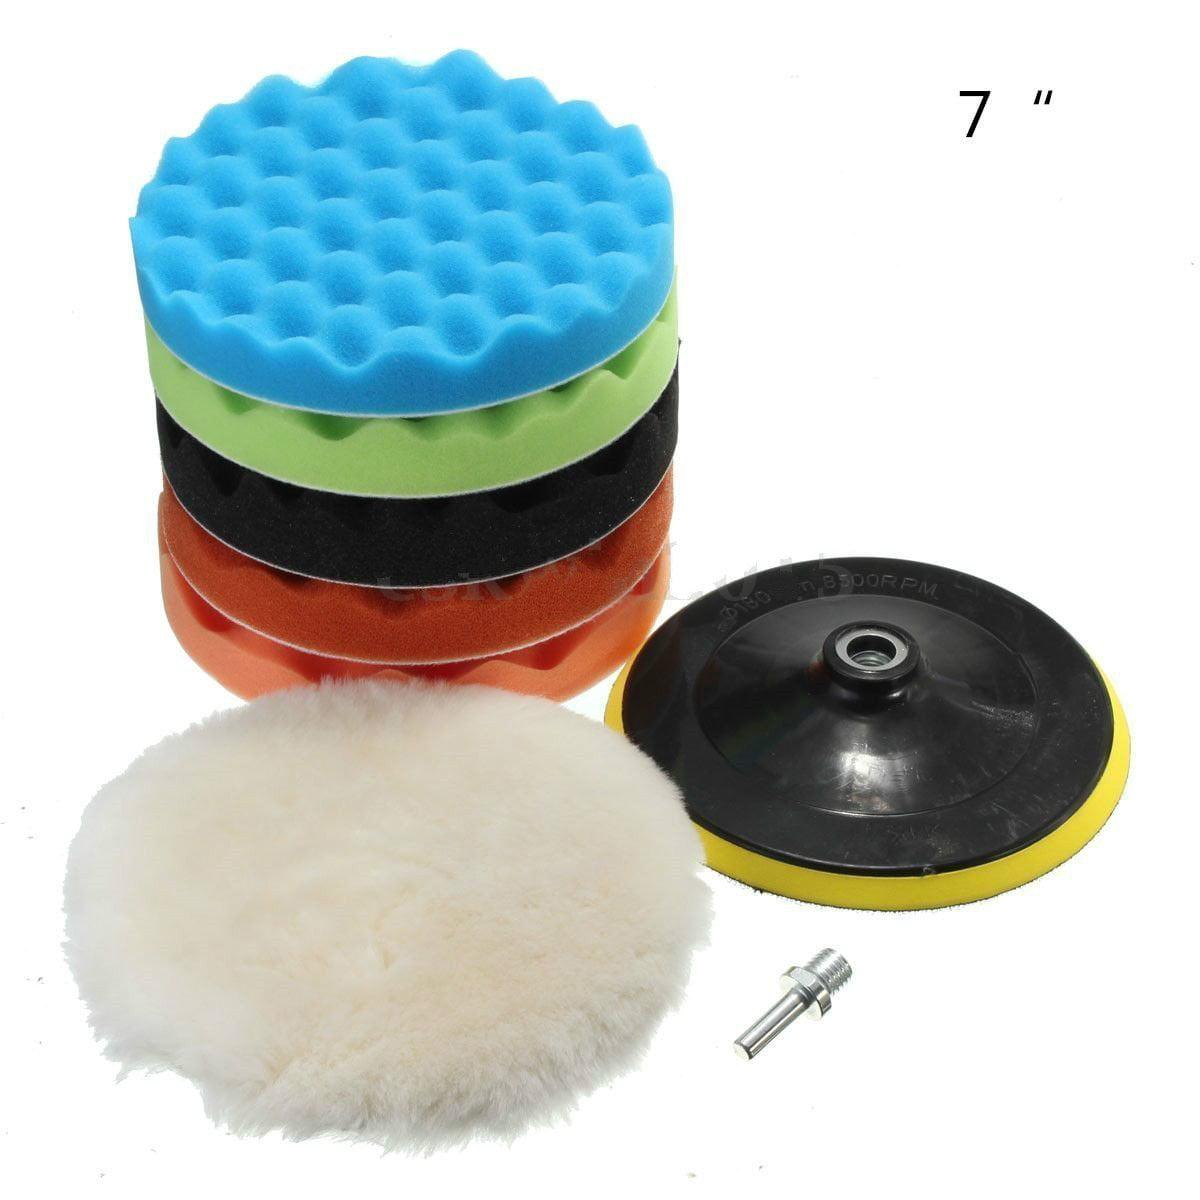 """Yosoo 7Pcs Sponge Polishing Waxing Buffing Pads Kit Set Compound Auto Car Polisher + M14 Drill Adapter Kit (7"""")"""